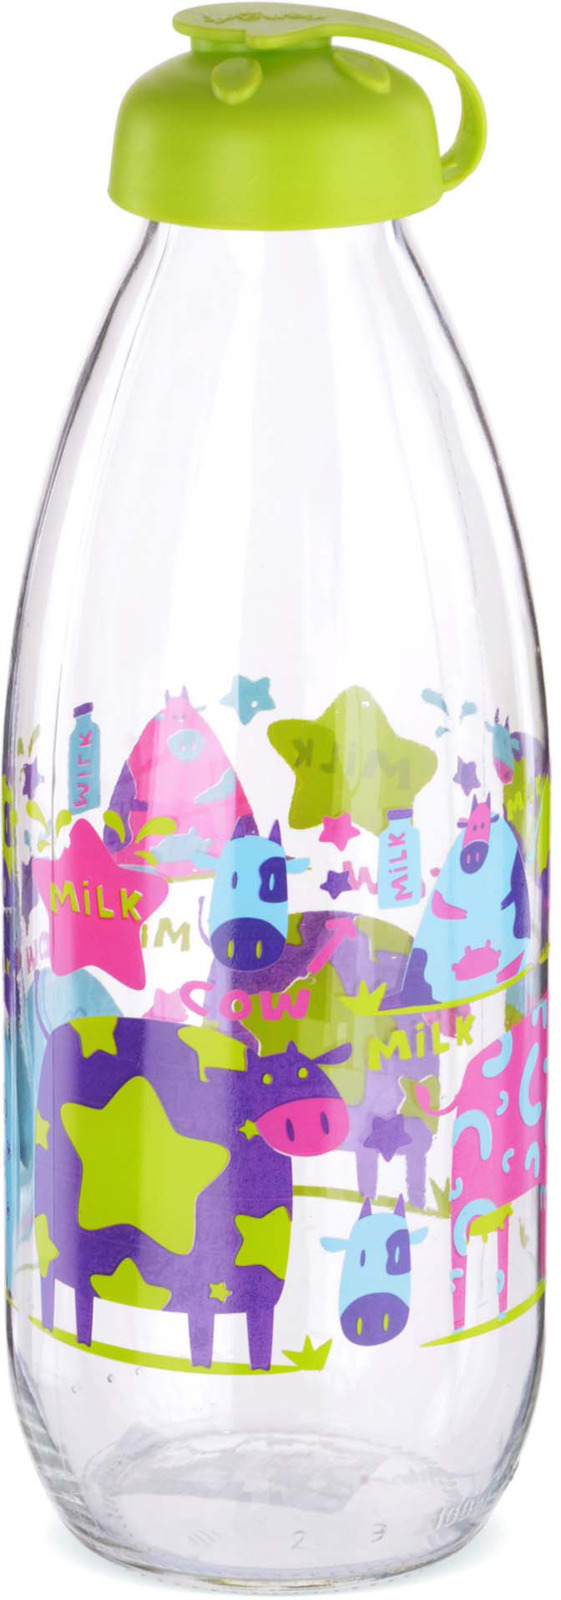 Бутылка для напитков Mayer & Boch, цвет: салатовый, 1 л стоимость